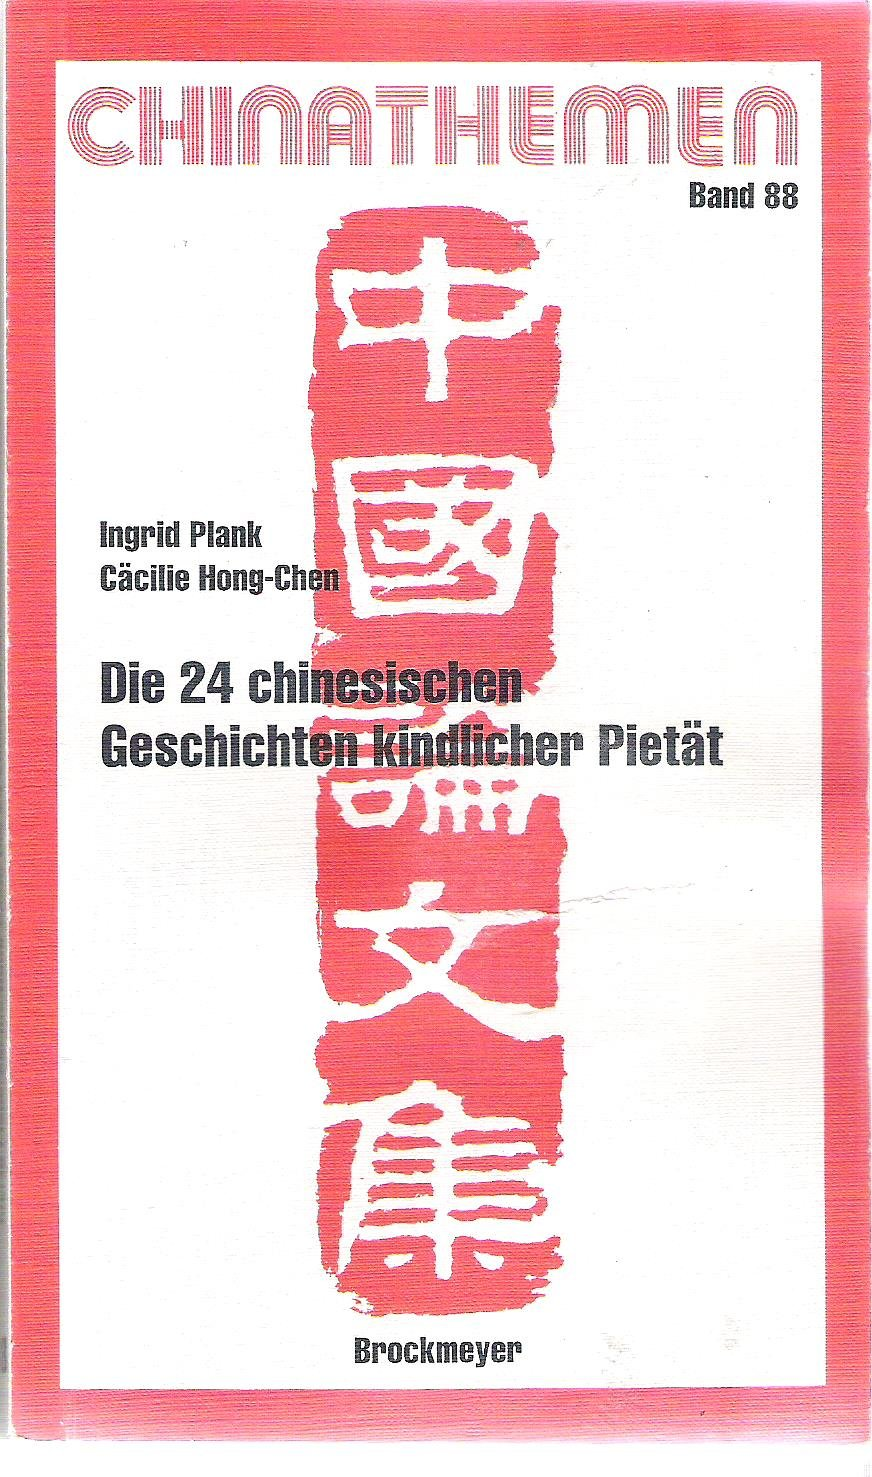 Die 24 chinesischen Geschichten kindlicher Pietät. Eine Übertragung ins Deutsche